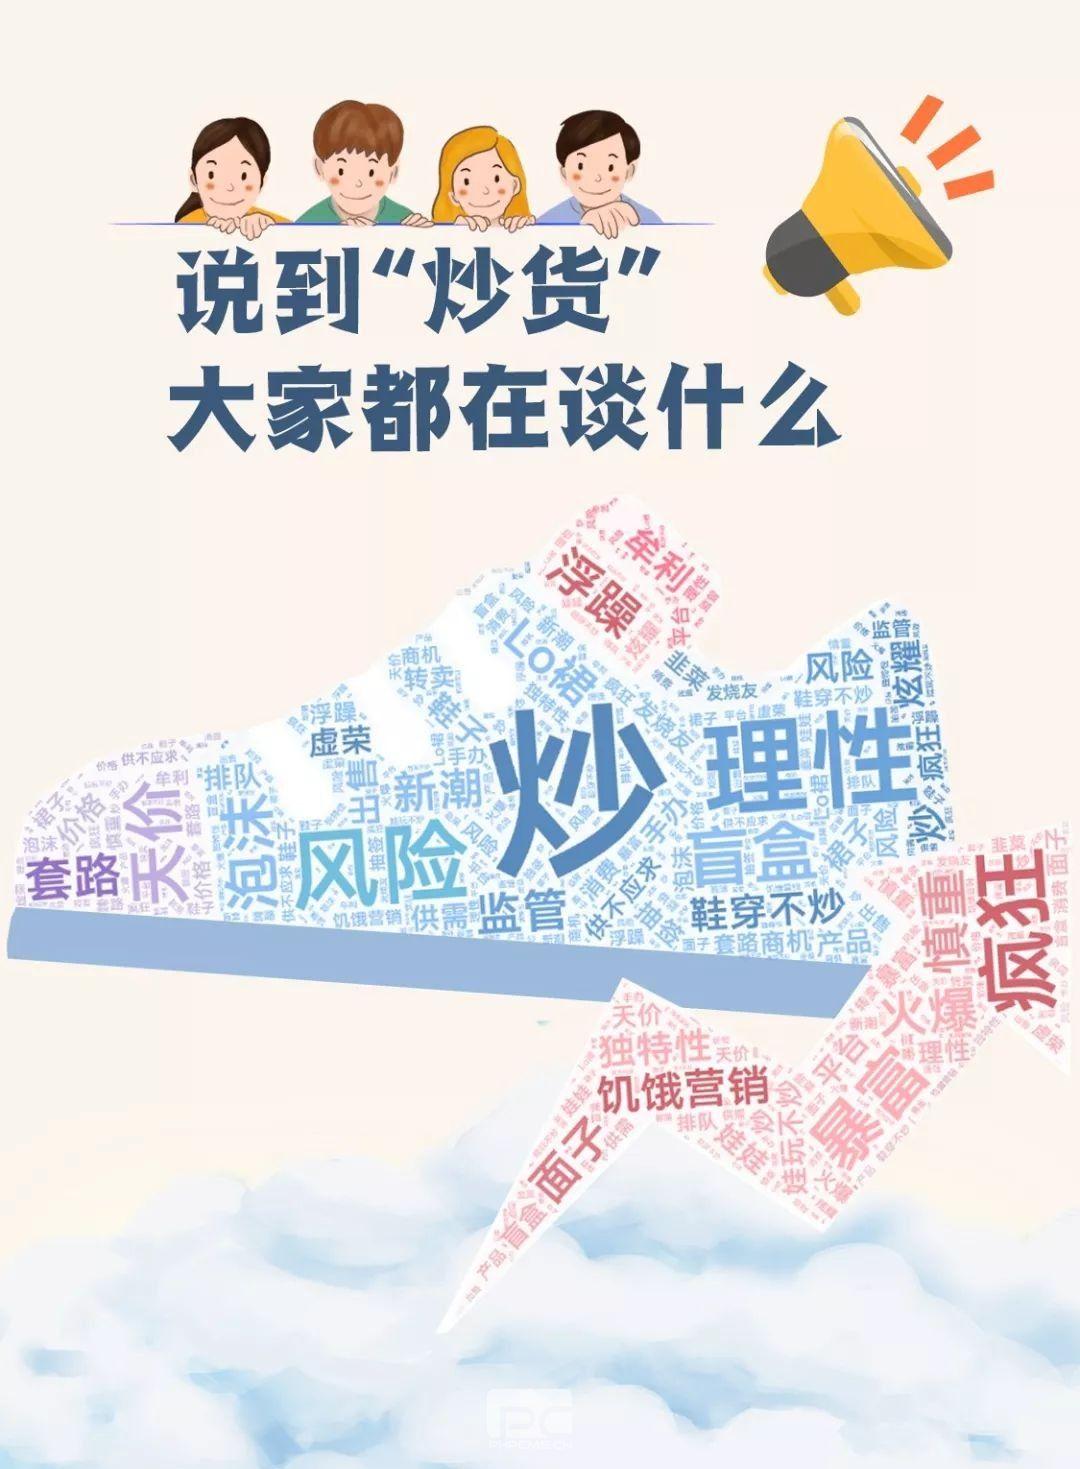 ▲数据来源:新华睿思数据云图分析平台